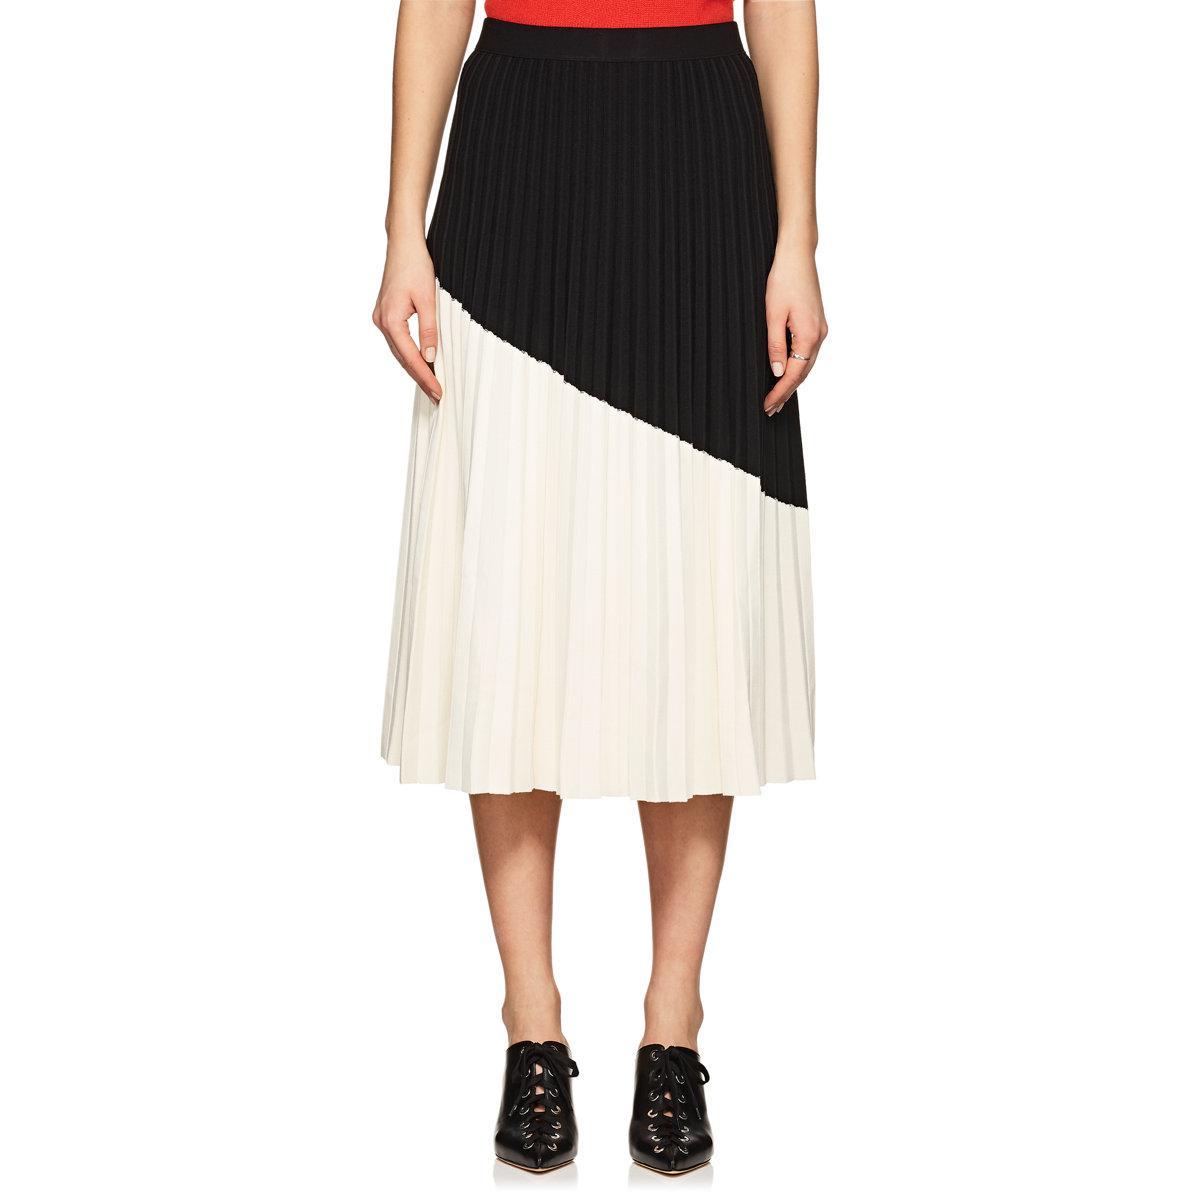 9275aa890d 10 Crosby Derek Lam Colorblocked Pleated Midi Skirt in Black - Lyst